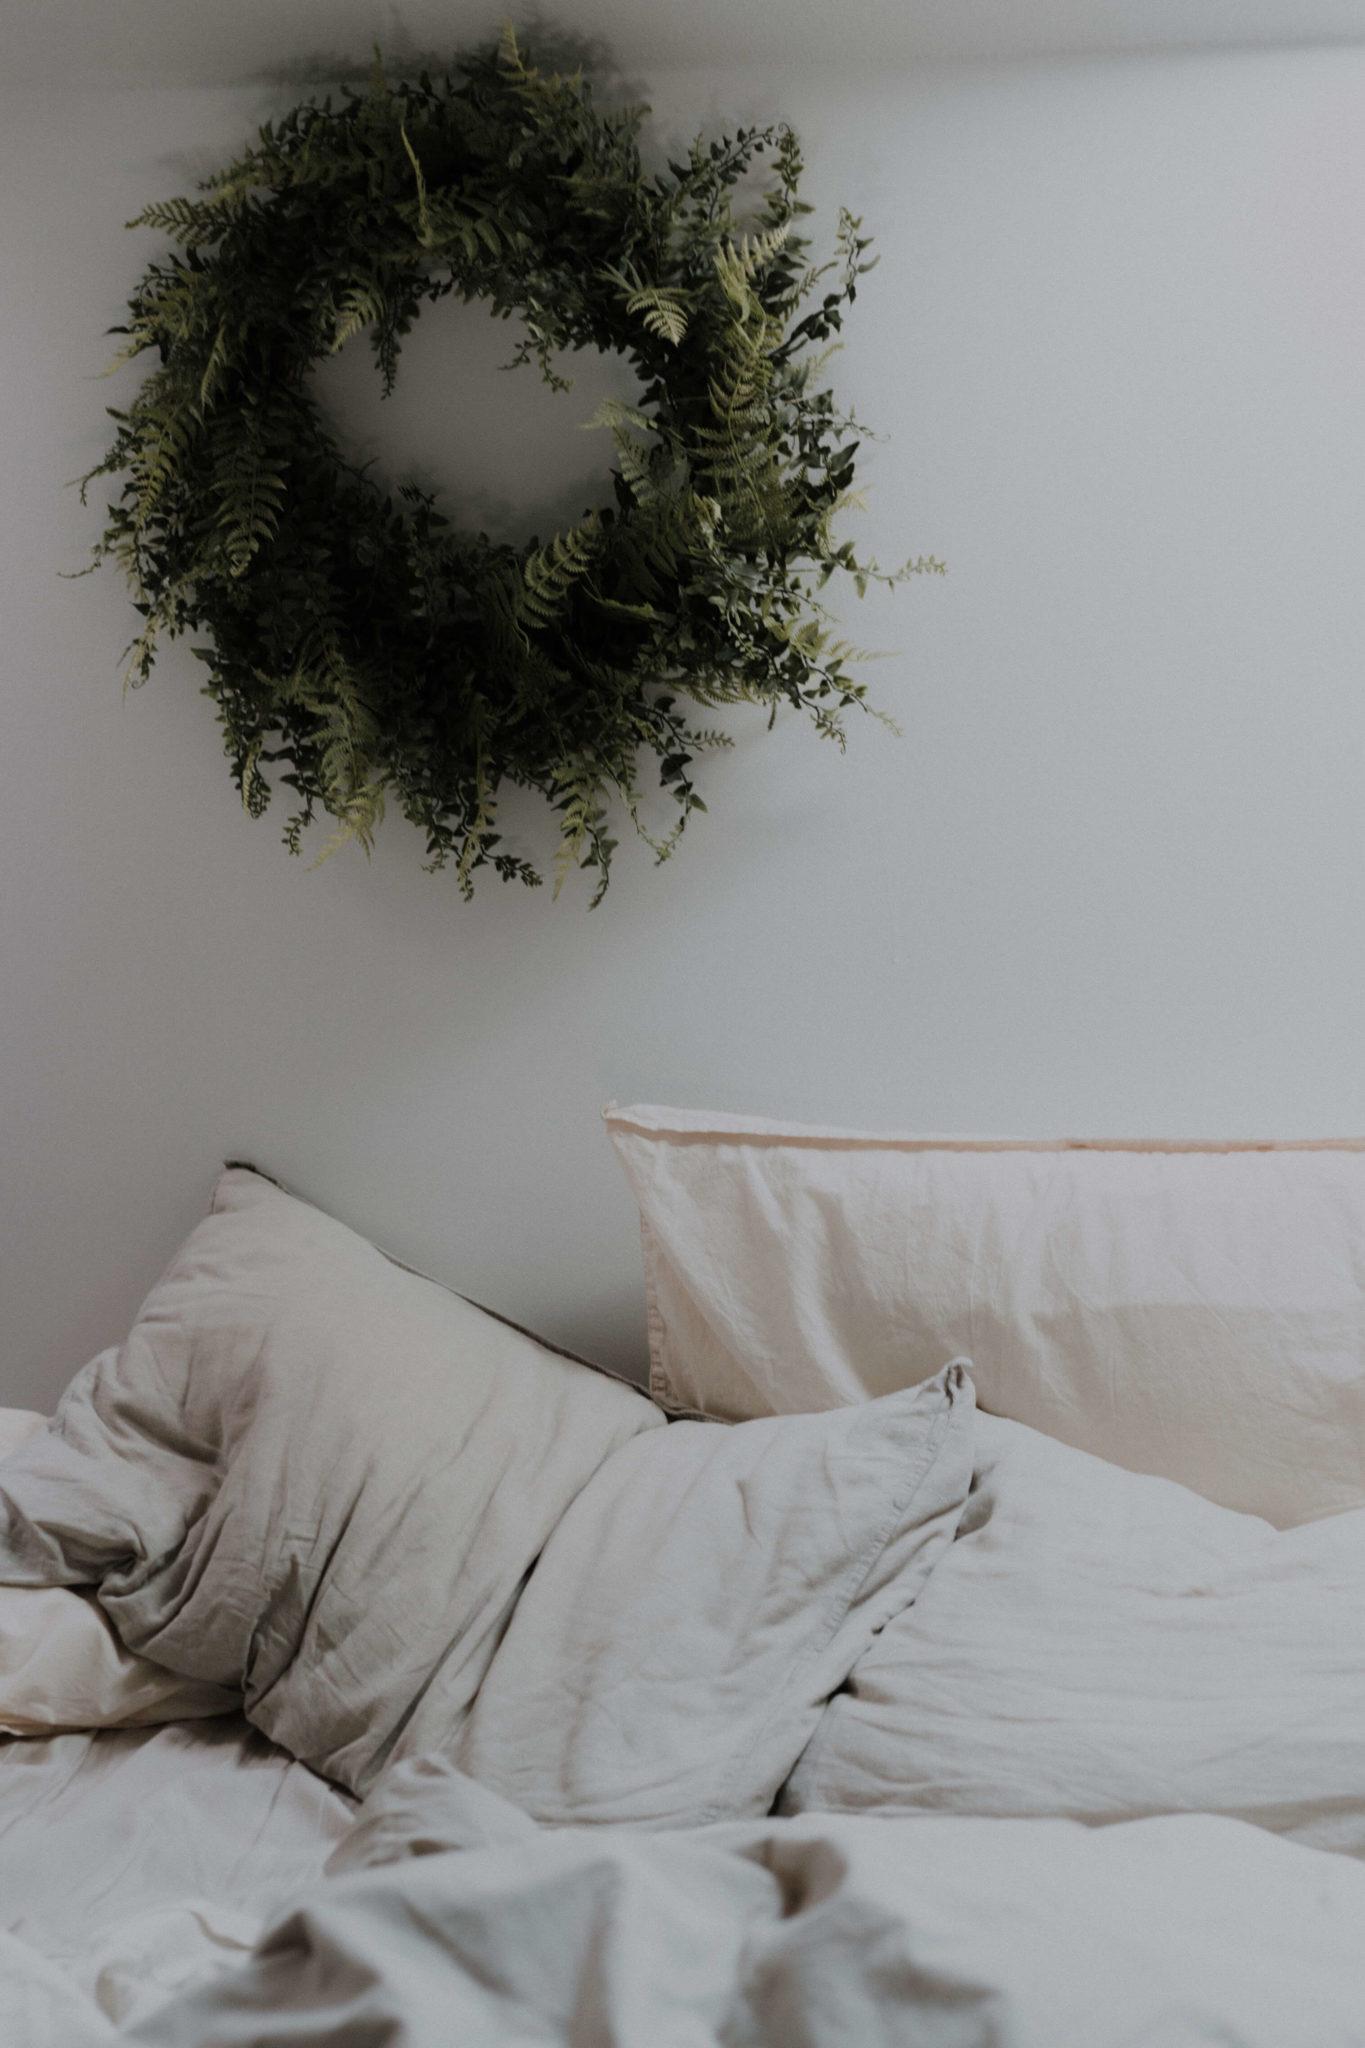 aménager une ambiance ressourçante avec les matières  1365x2048 - Comment créer une ambiance ressourçante à la maison en hiver ?